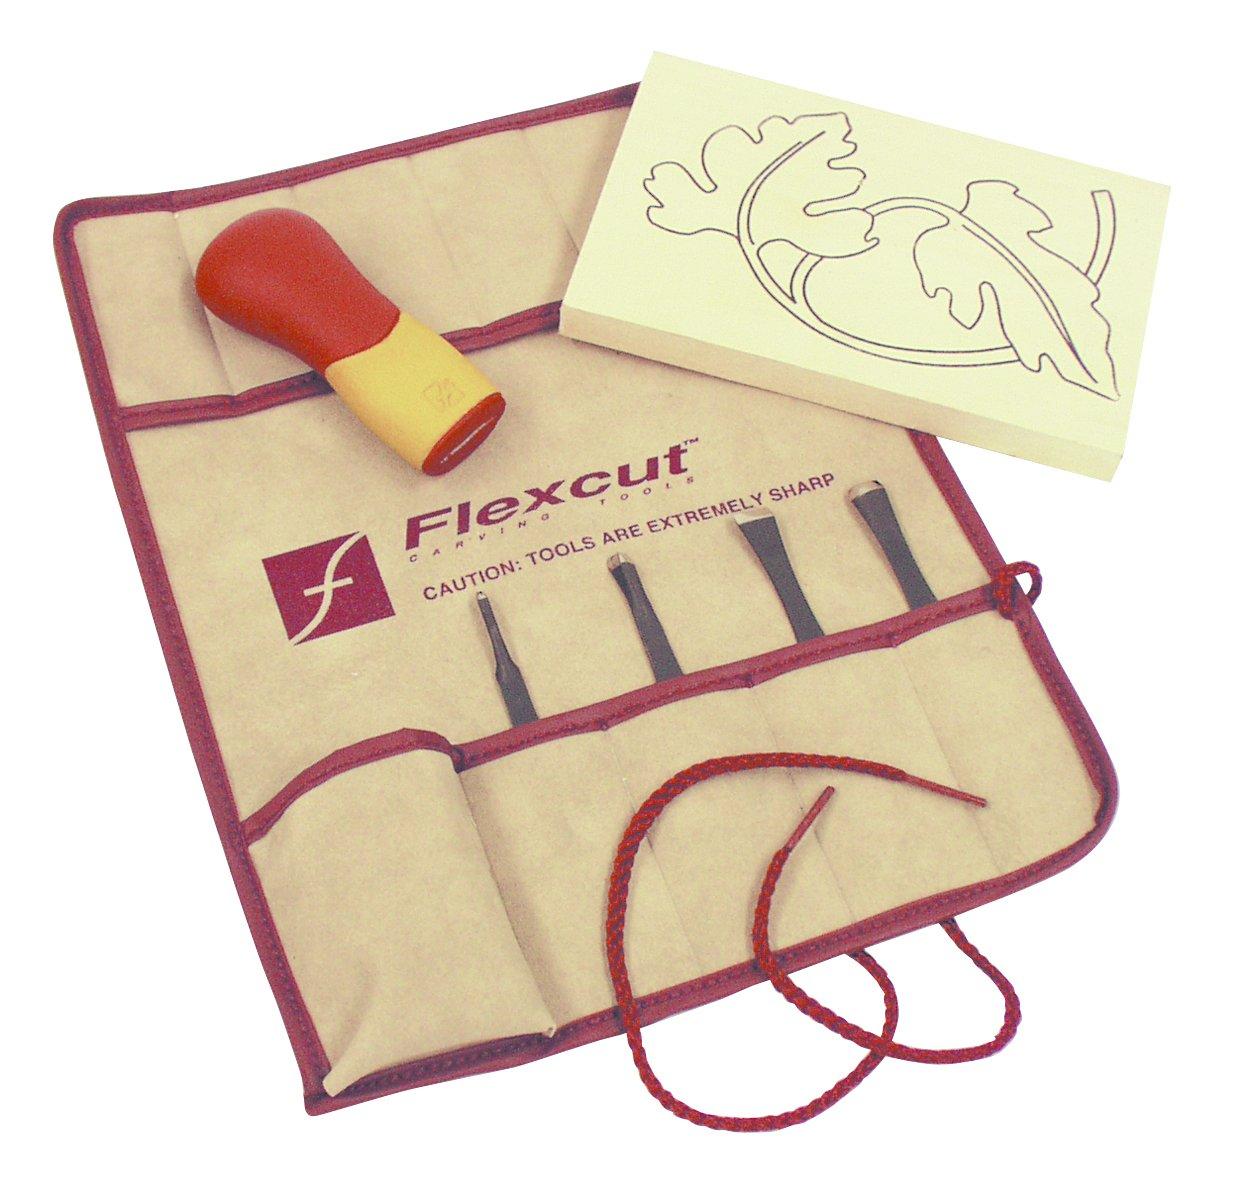 Flexcut Değiştirilebilir Uçlu Oyma Seti - 5 Parça